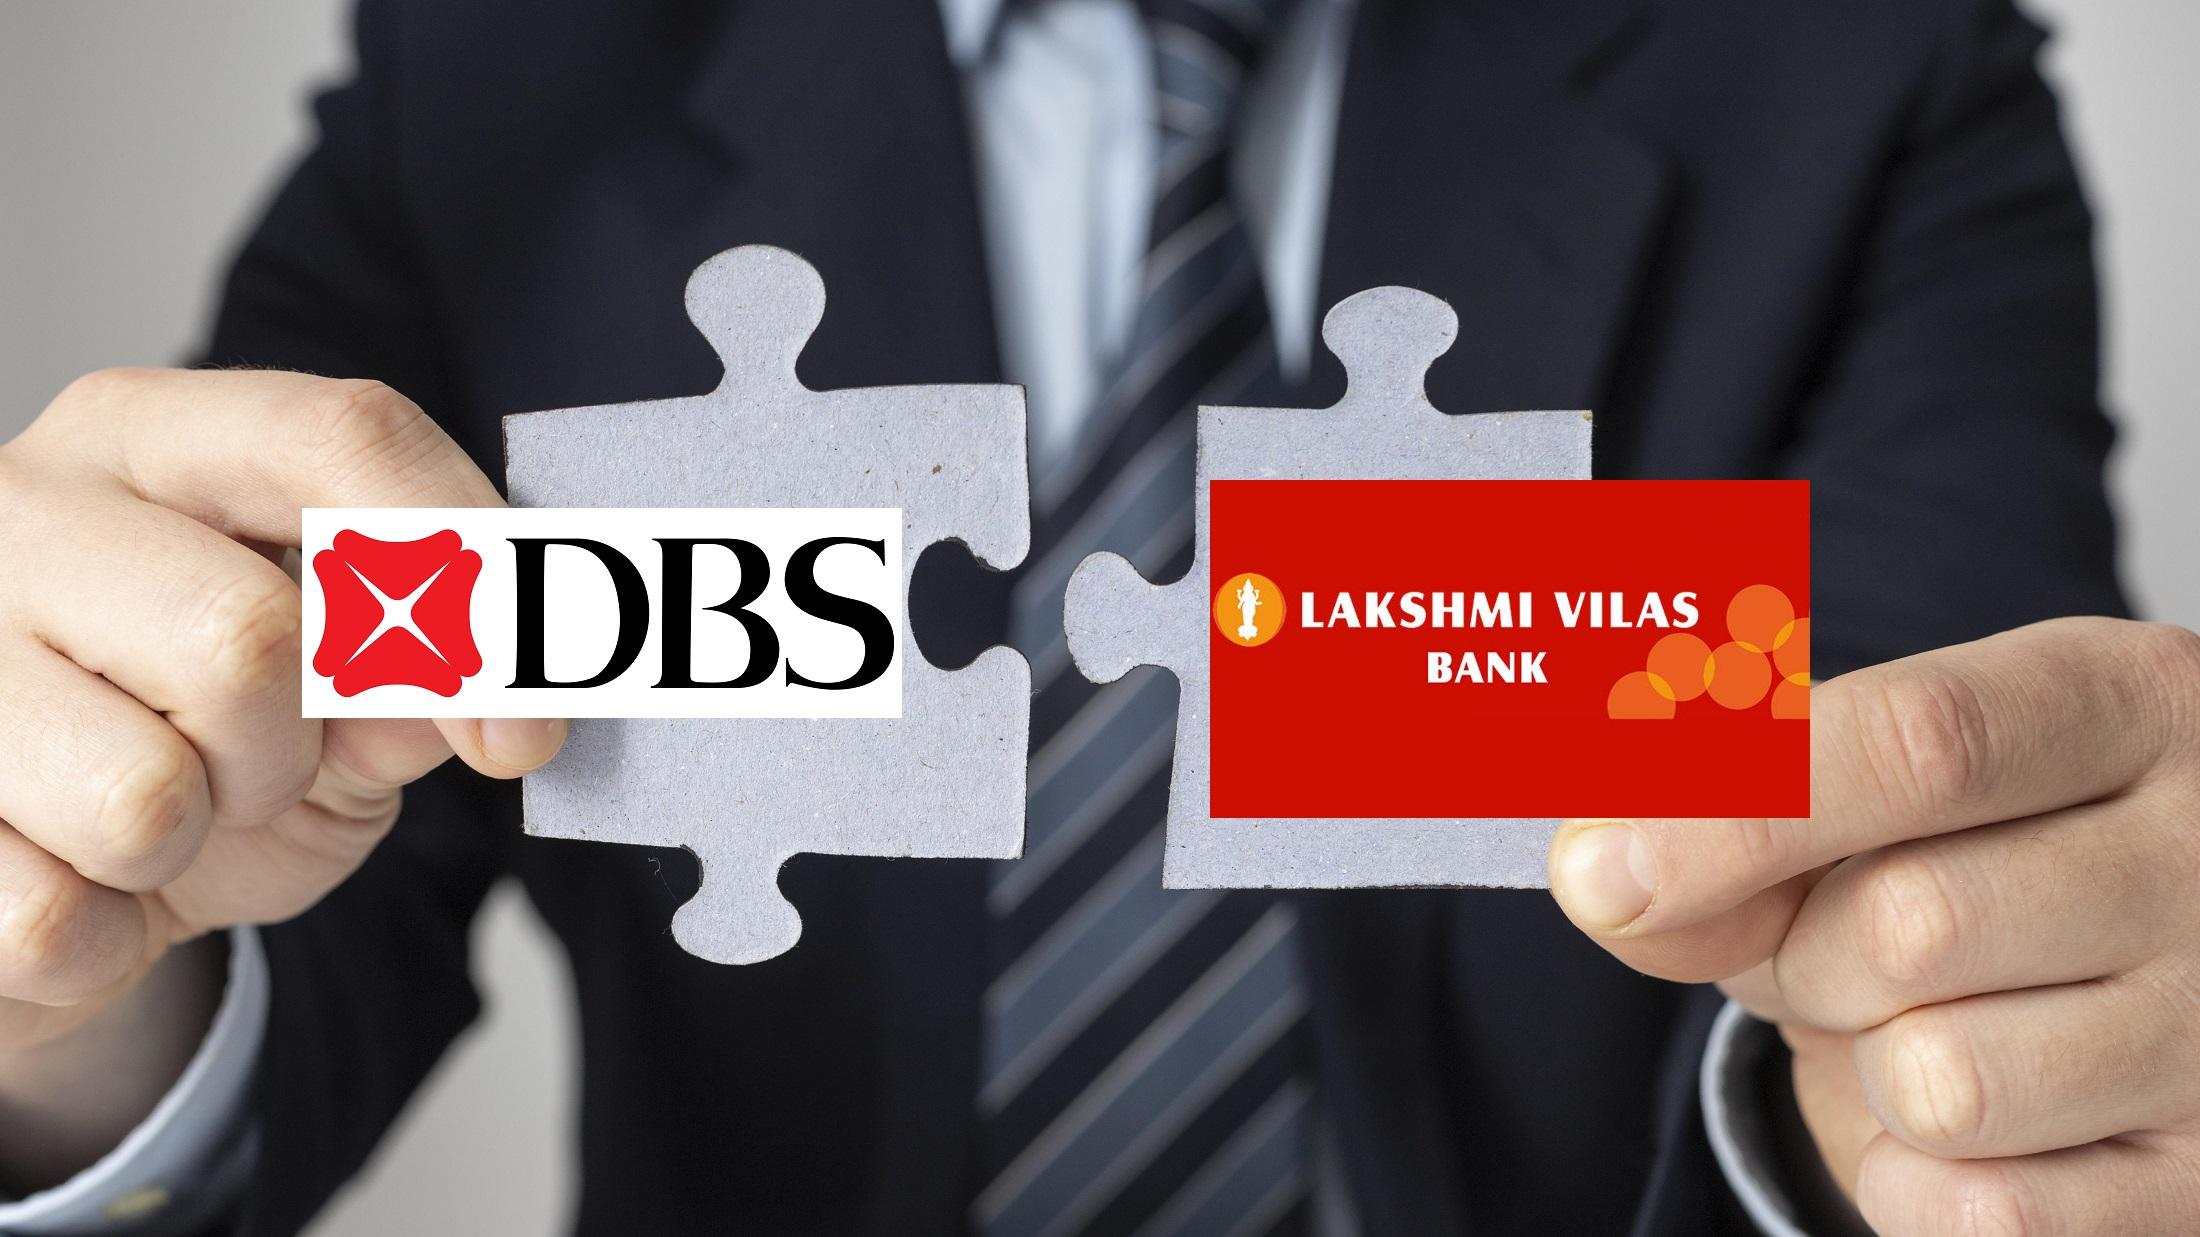 Lakshmi-Vilas-Bank-DBS-Merger